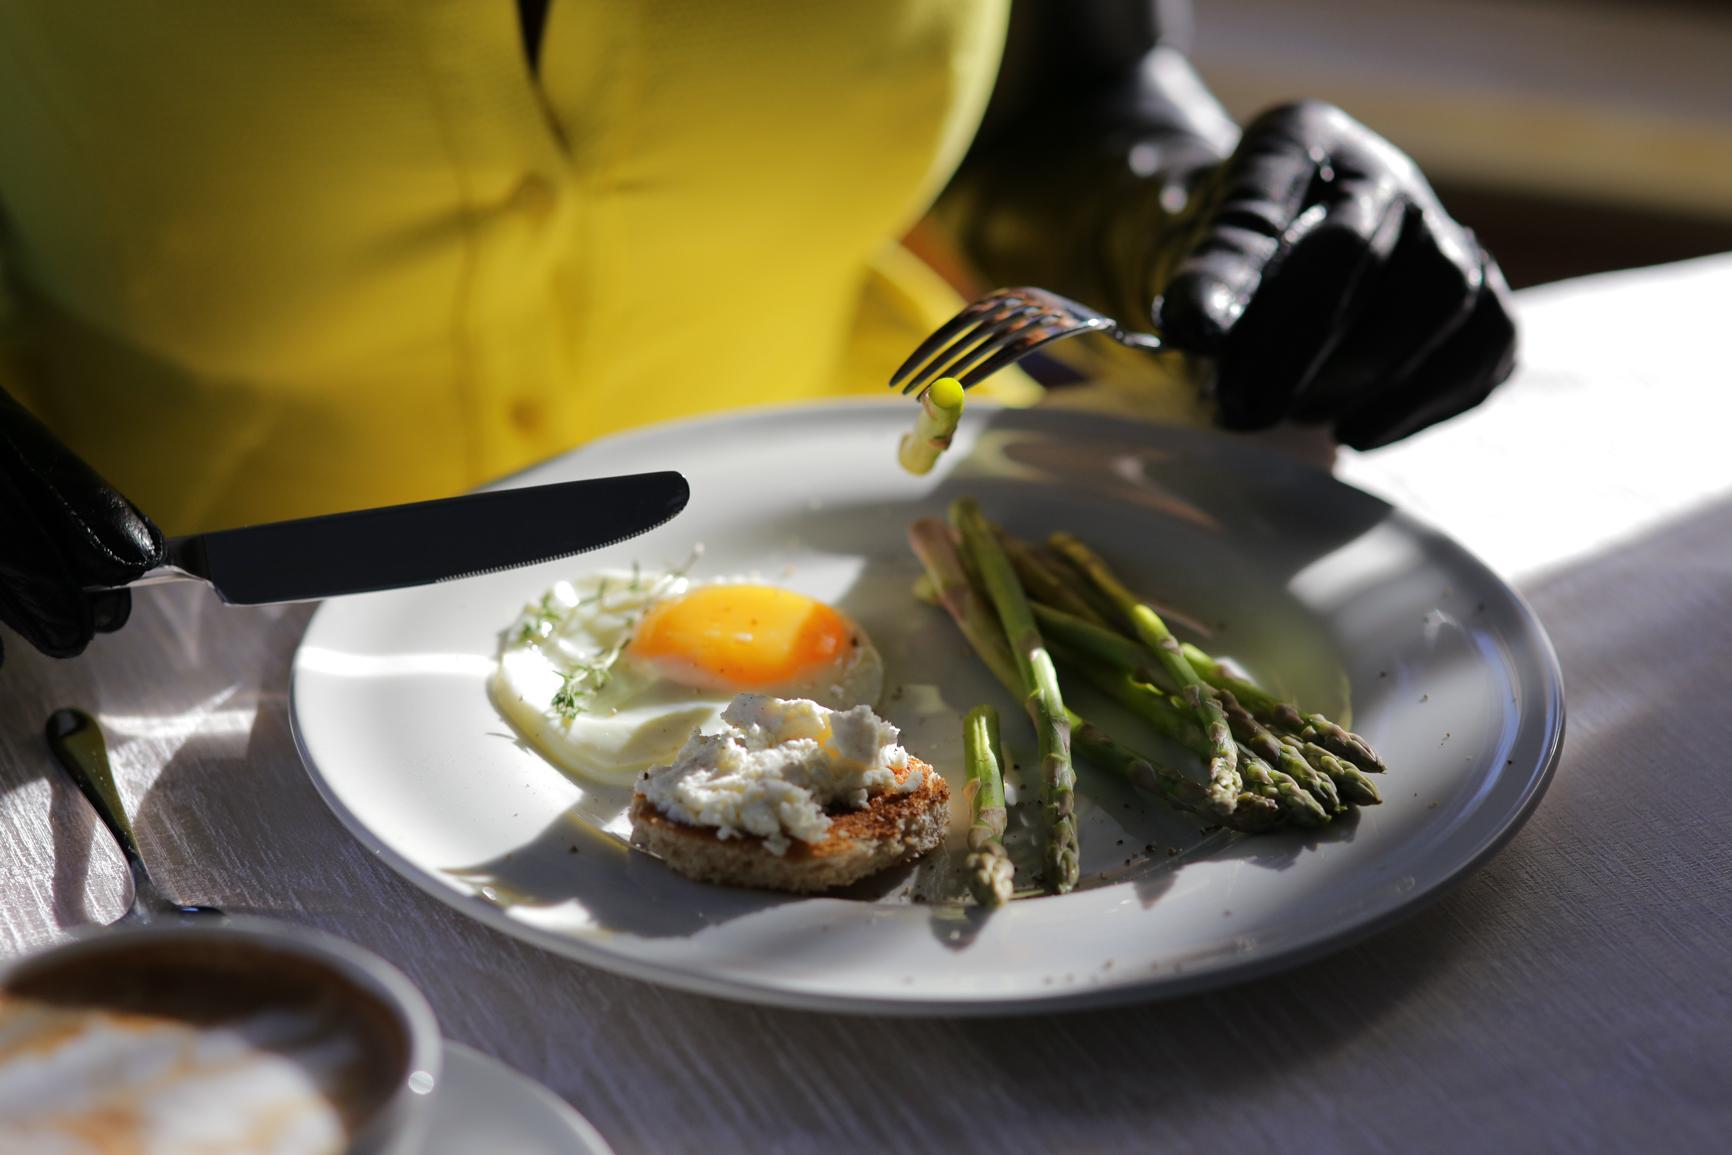 Mic-dejun #cumîmiplace: à la carte